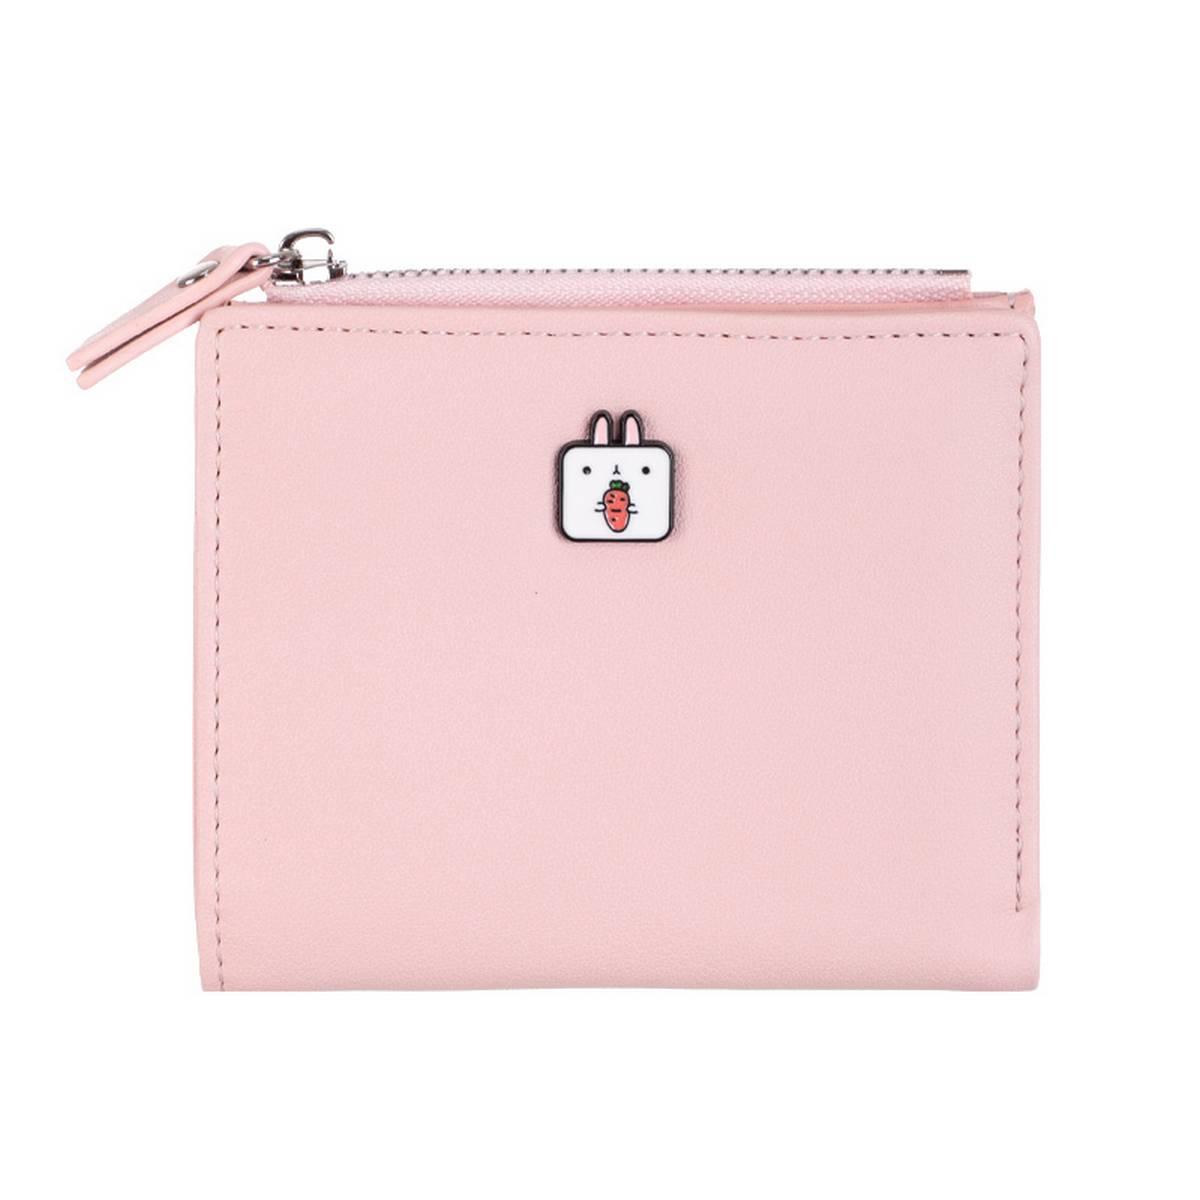 Women's Wallet,Pink